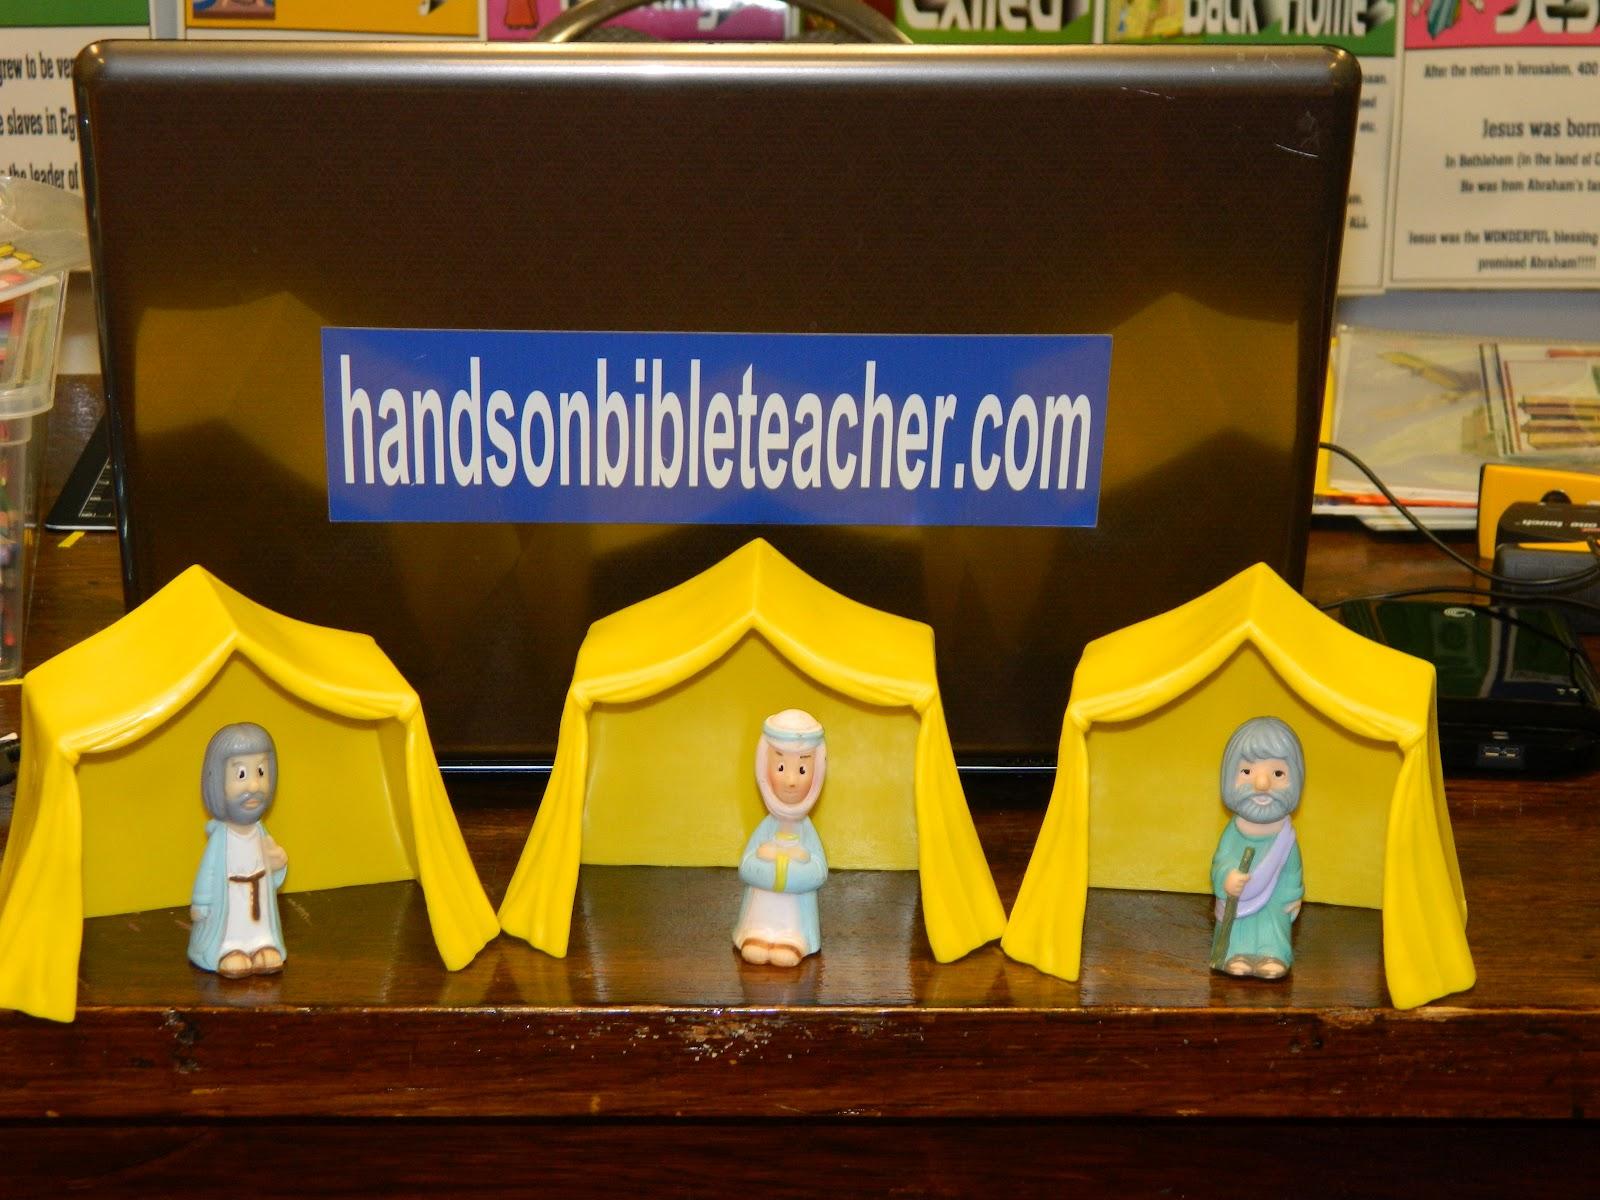 hands on bible teacher may 2012